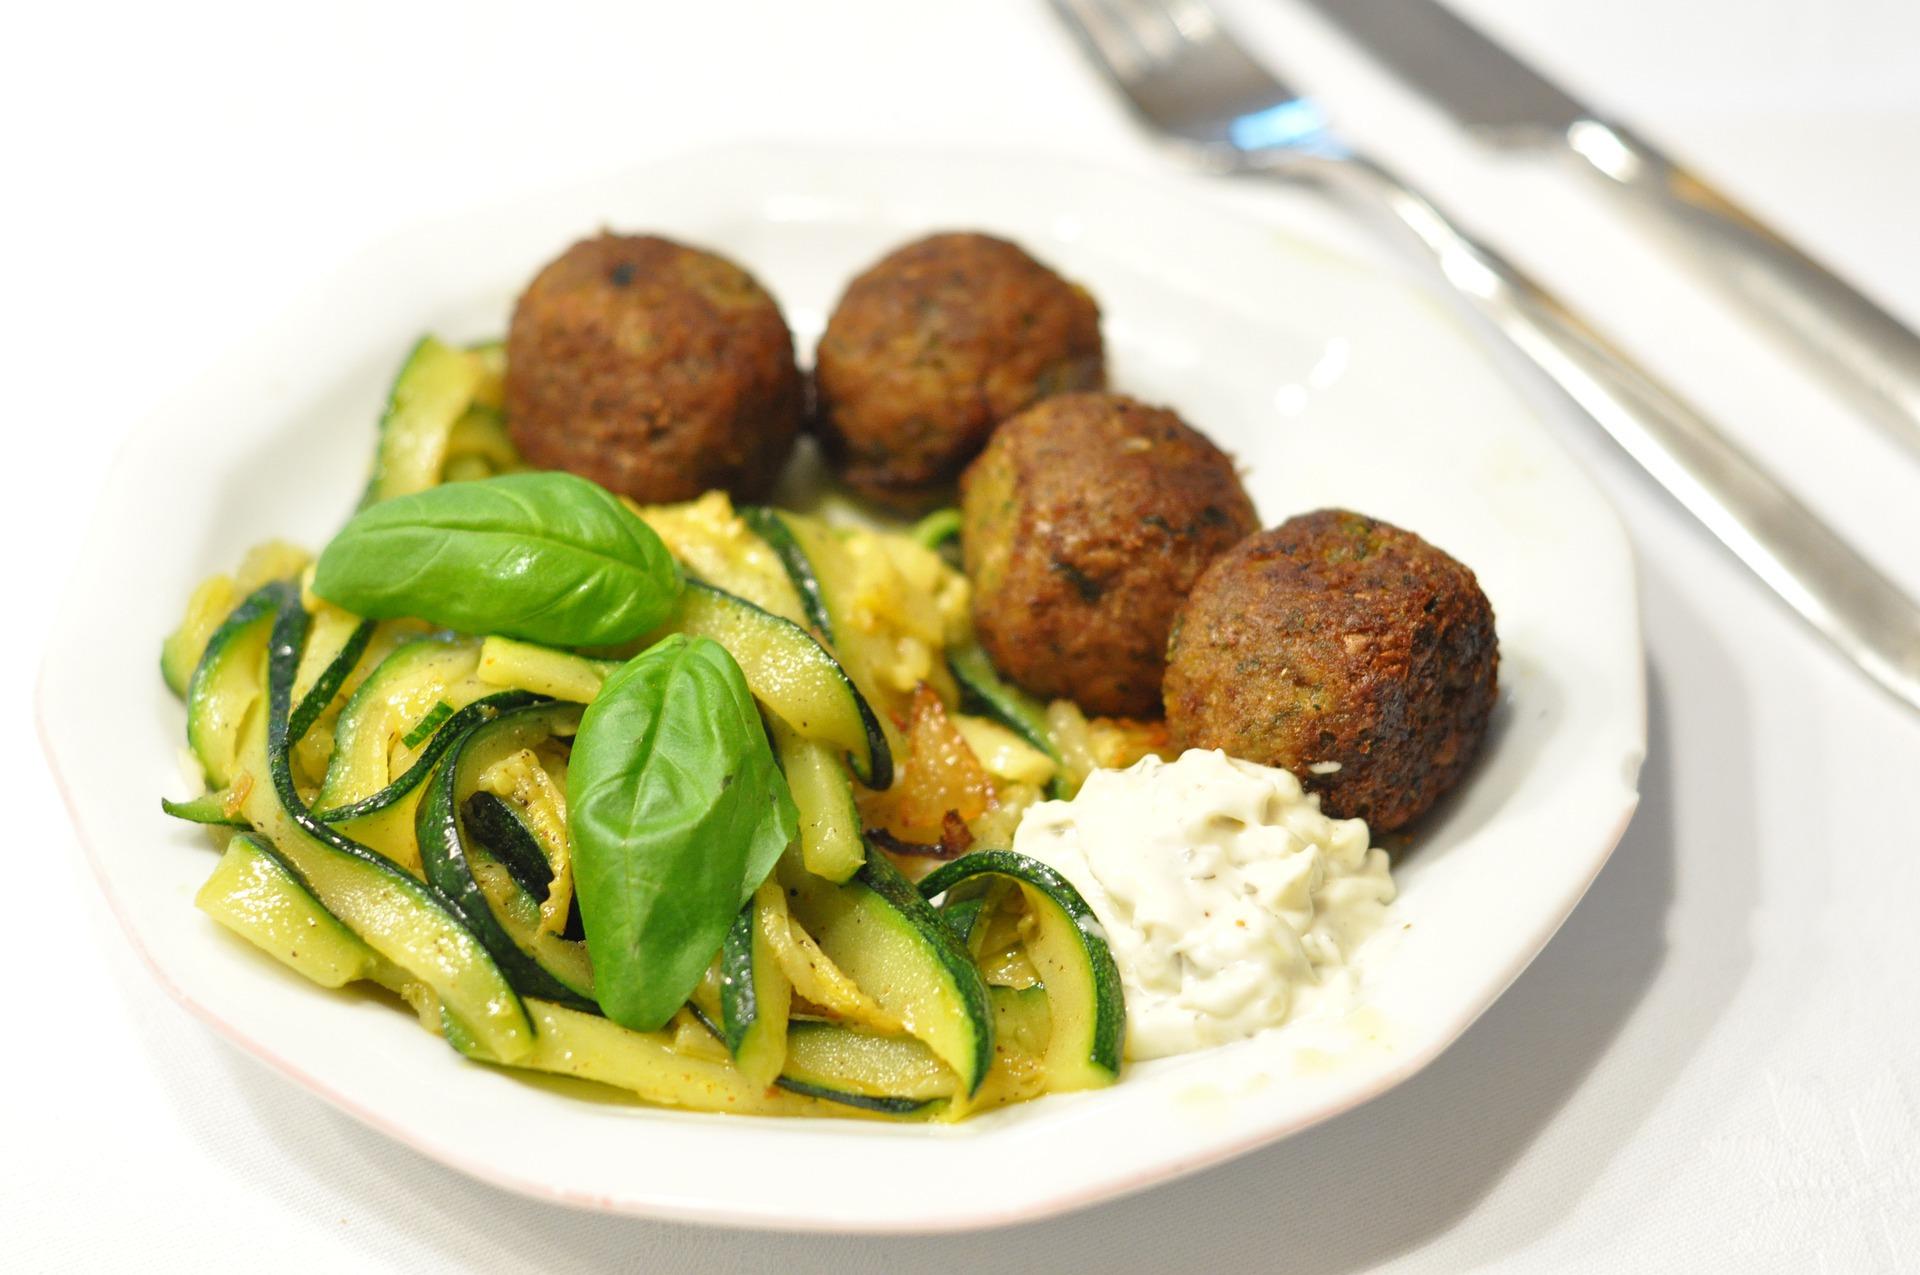 Cum poţi face falafel acasă?